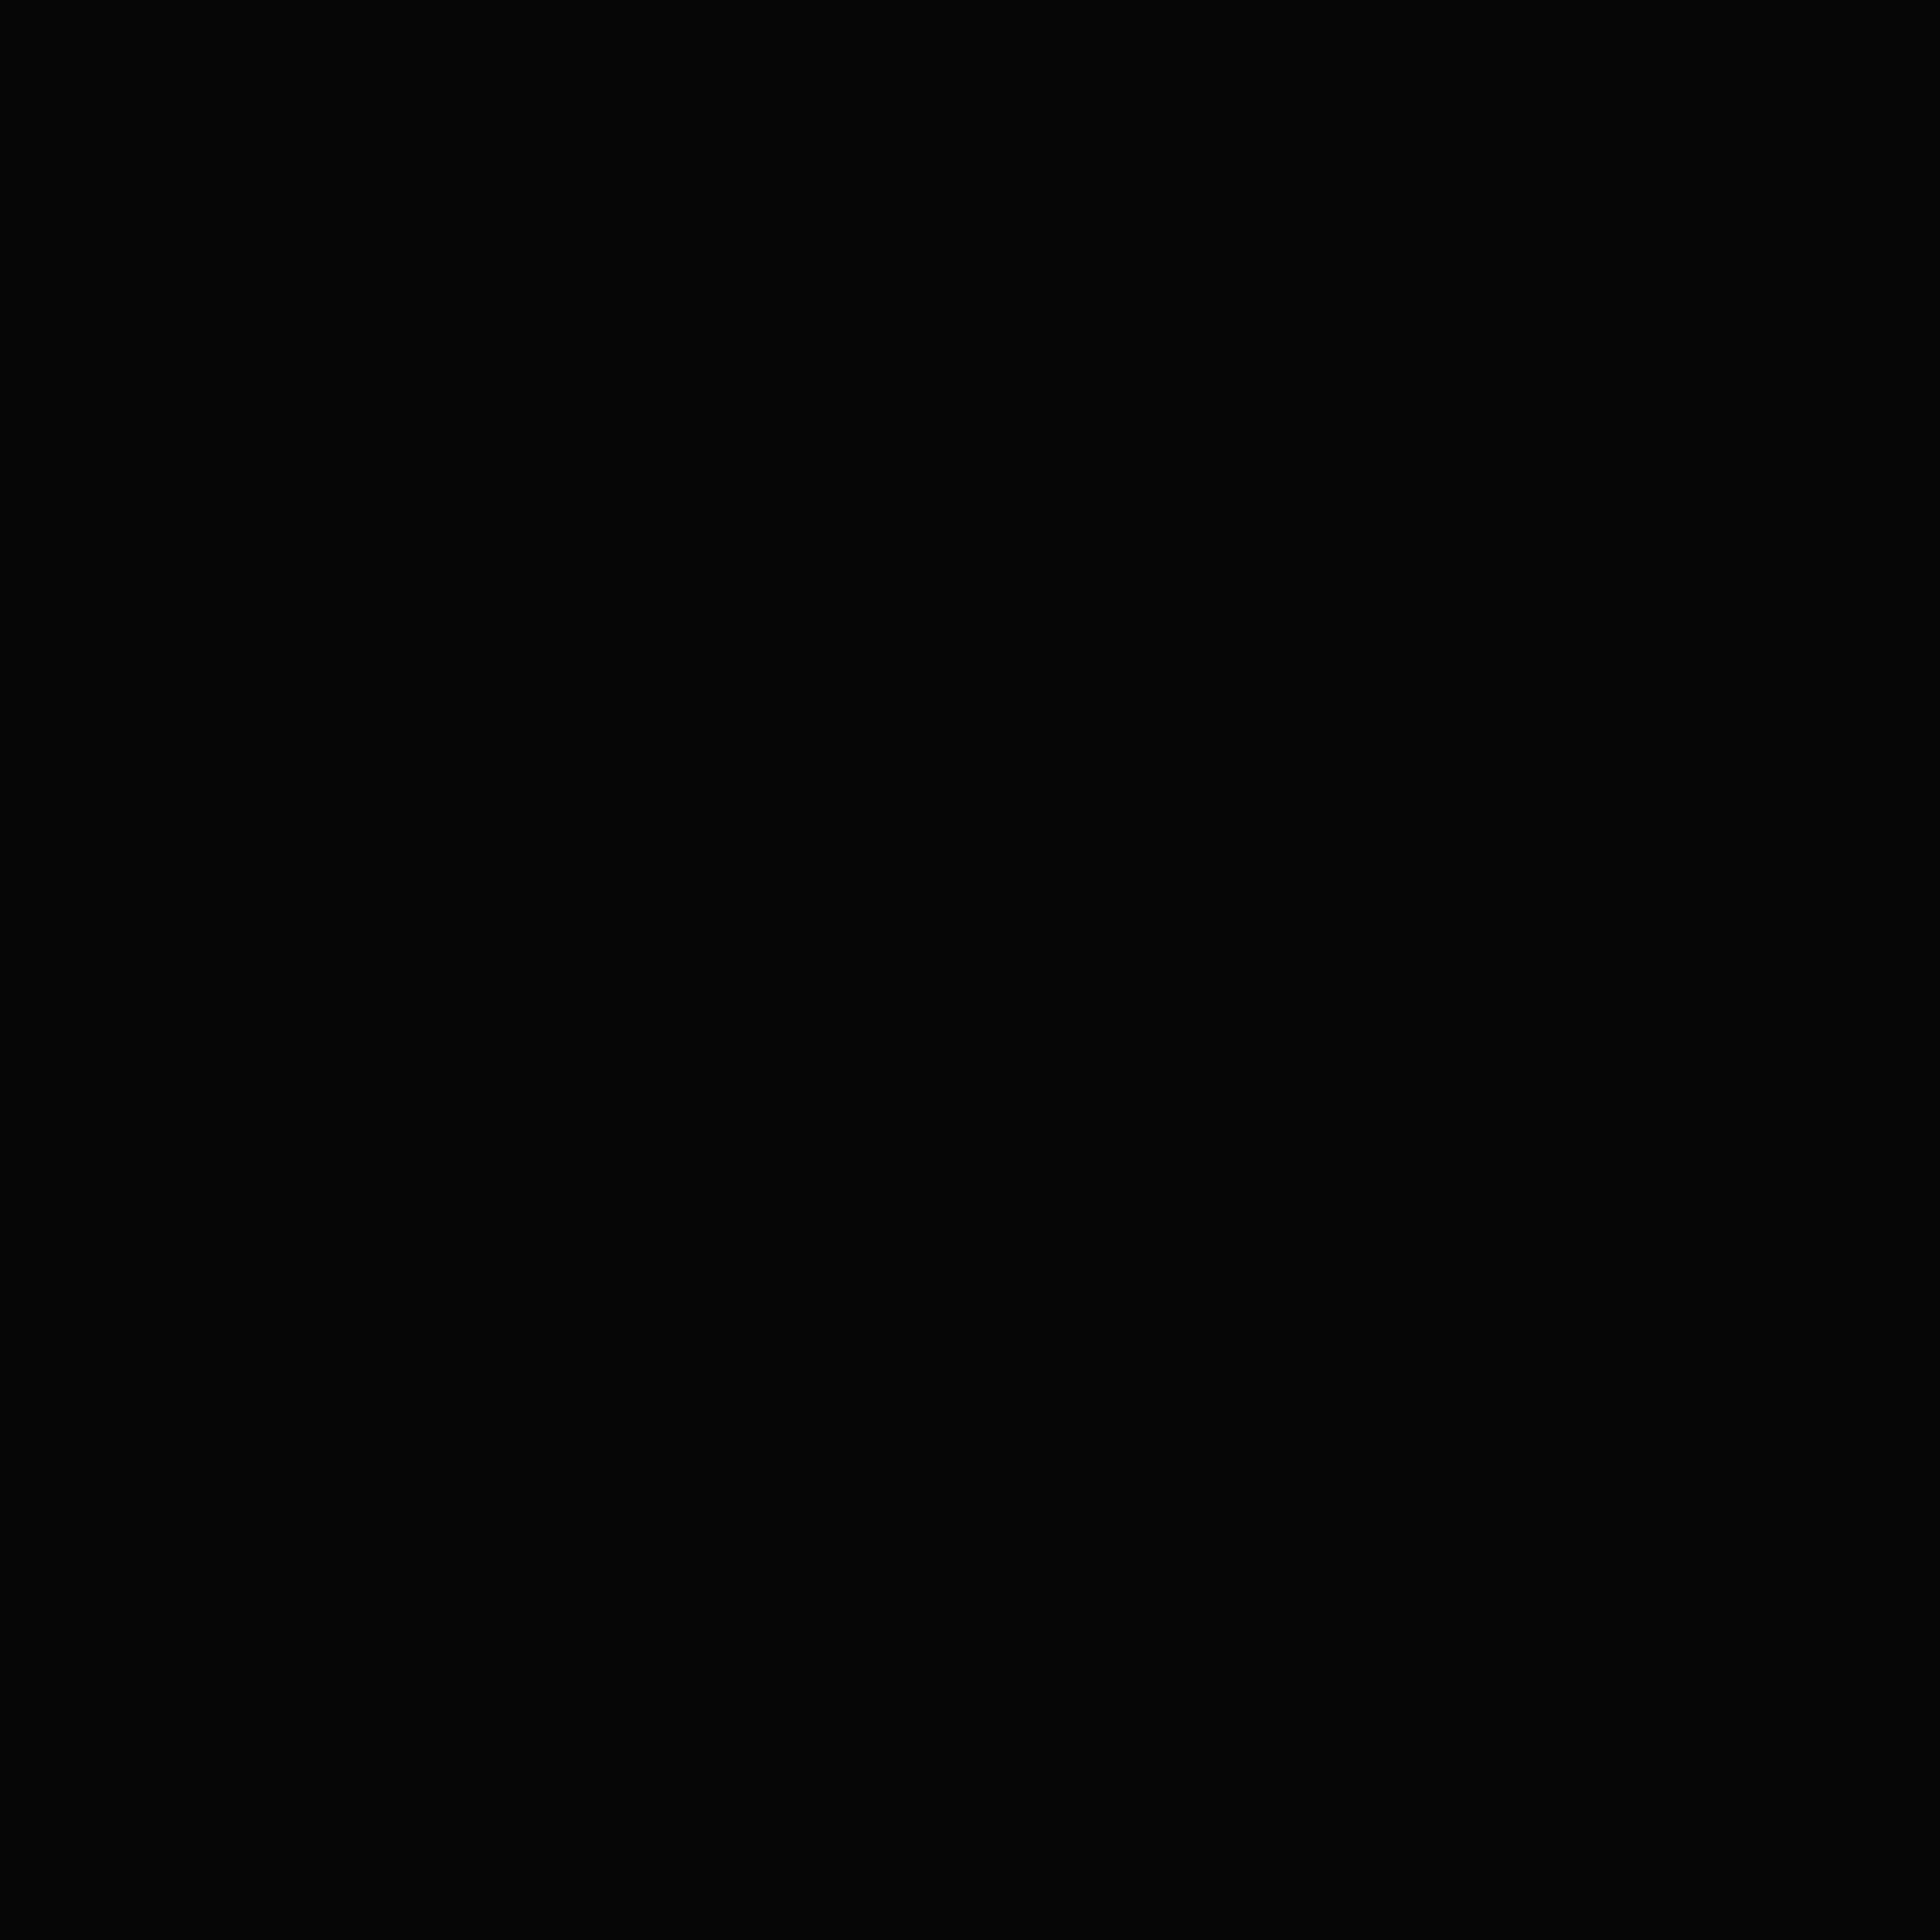 Ткань черная - студия SOVA